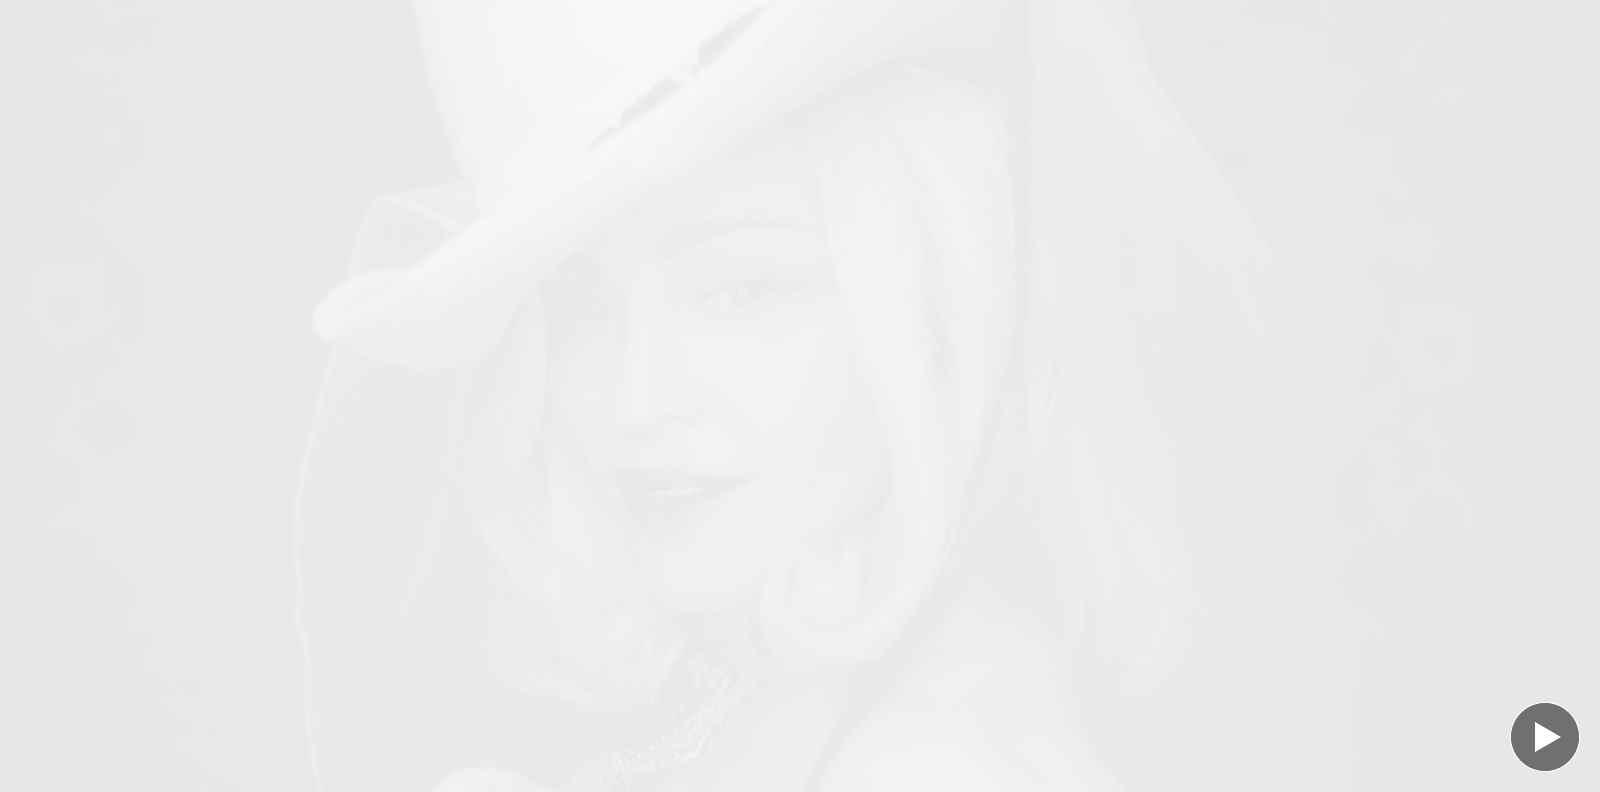 Легендата се завръща: Мадона подготвя нов албум